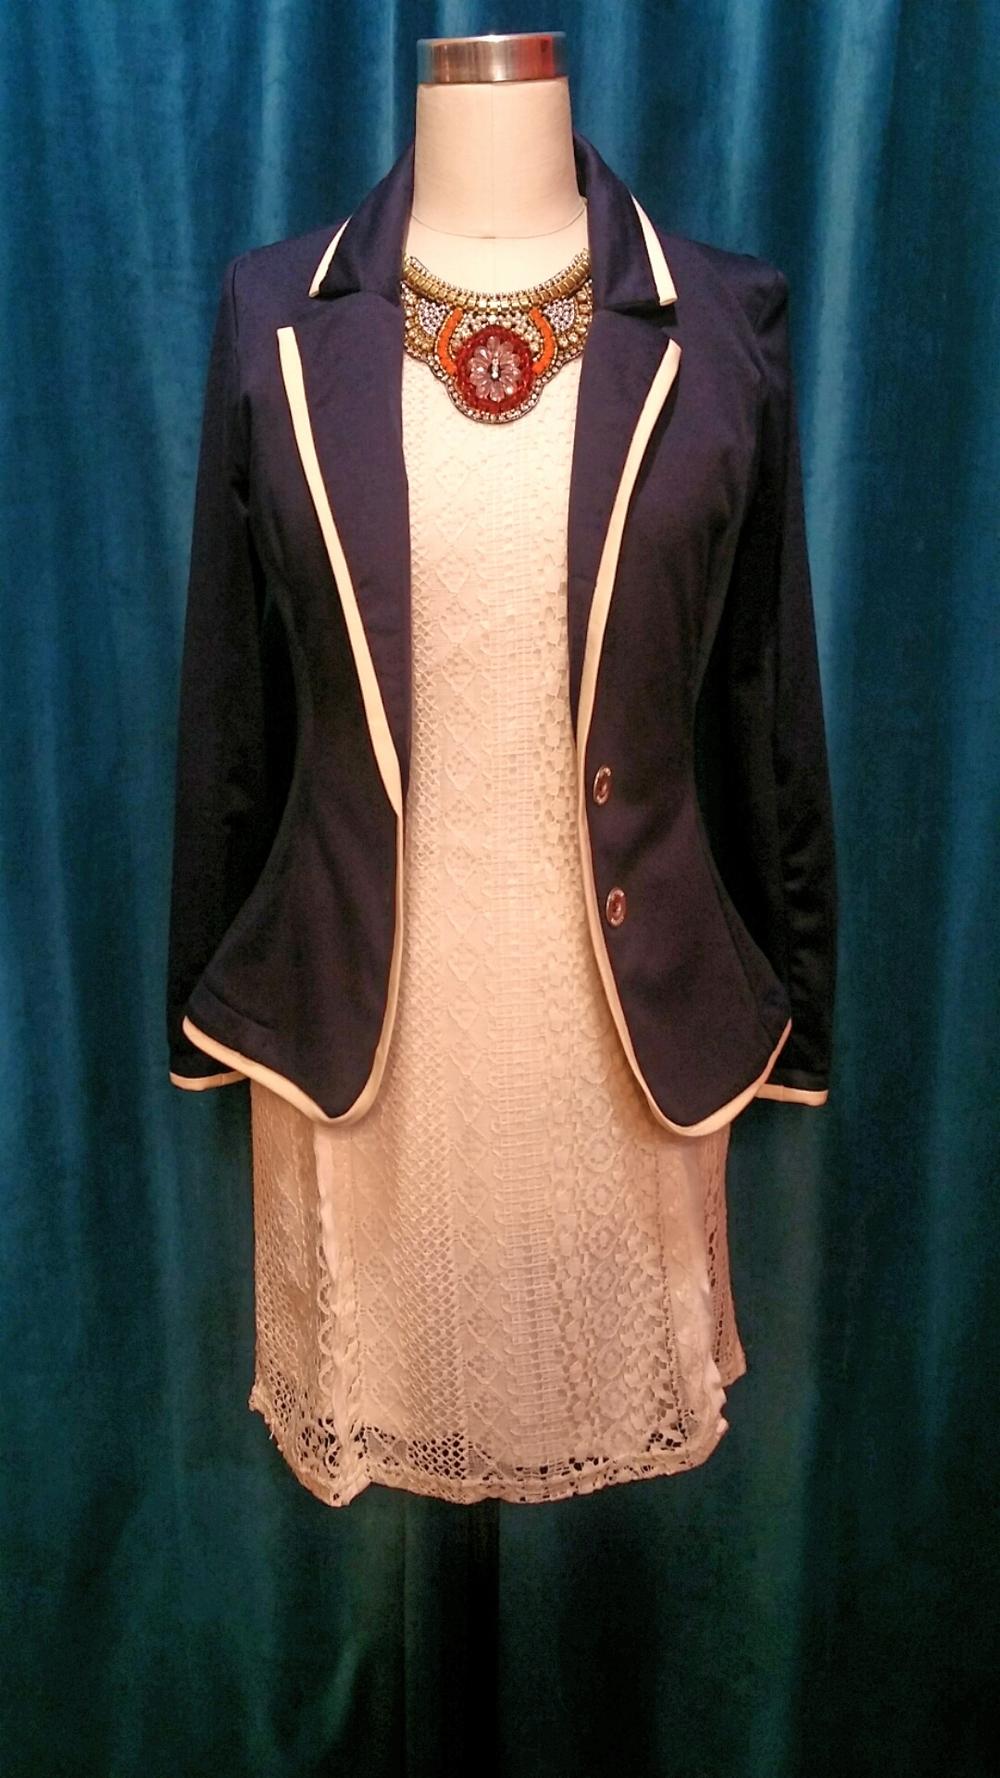 Miilla Dress, sizes S & M, $60. Mathiasen blazer, sizes S-L, $136.